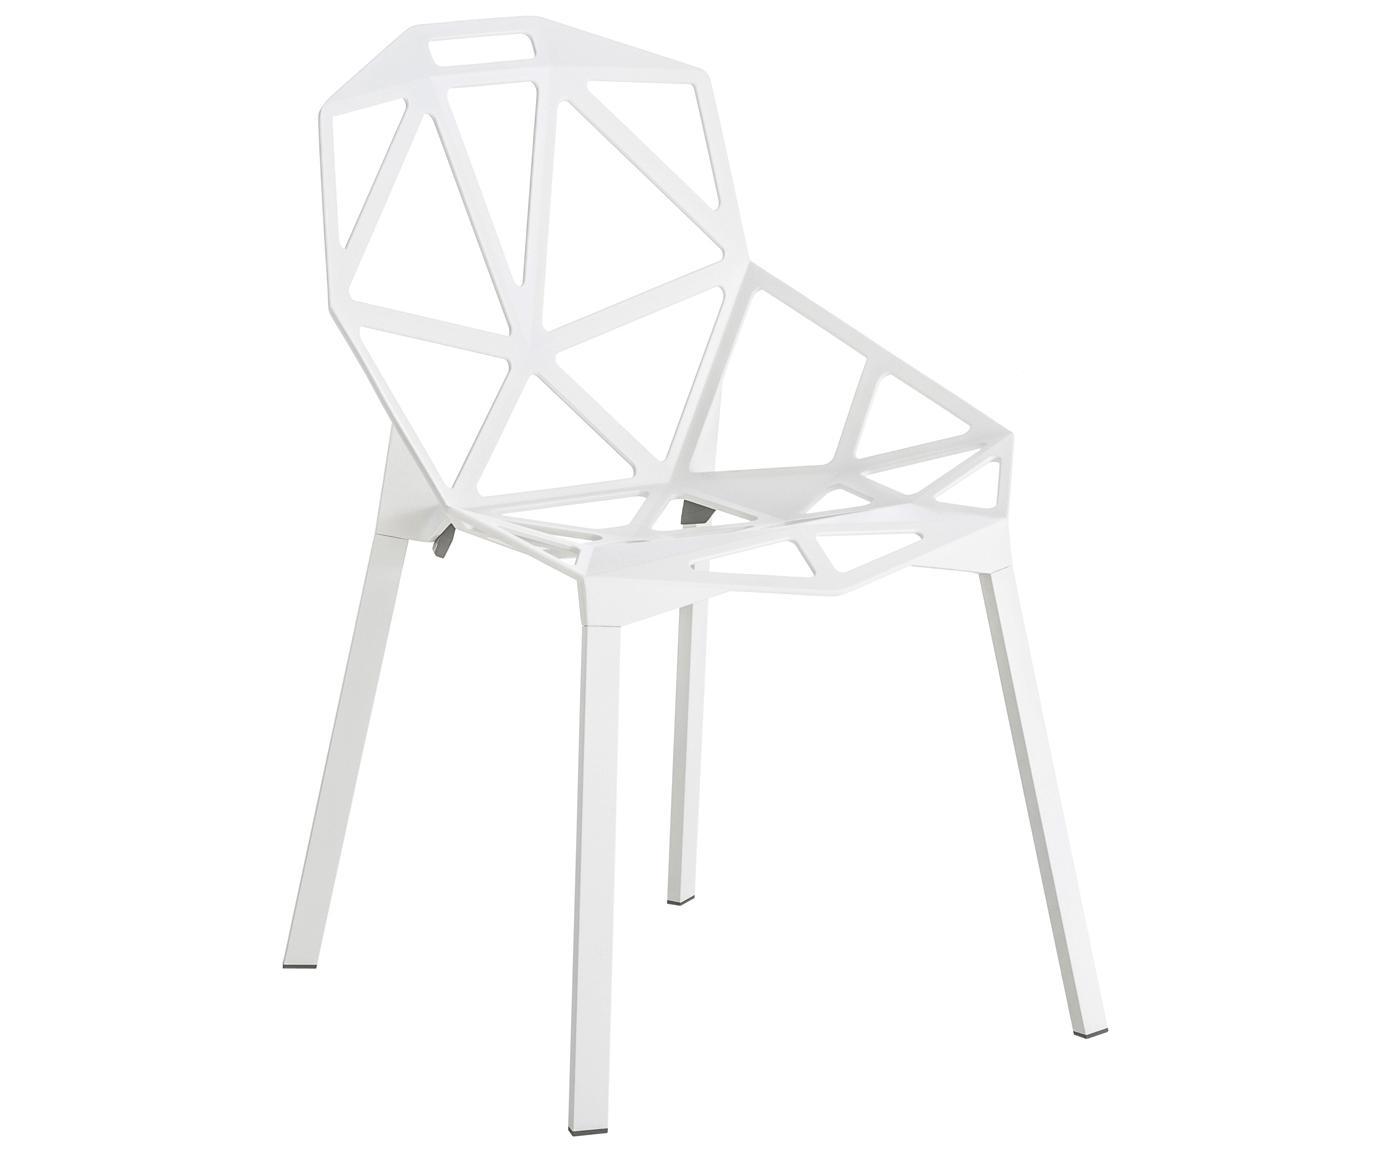 Design-Metallstuhl Chair One, Aluminium, druckgegossen, polyester-lackiert, Weiß, B 55 x T 59 cm